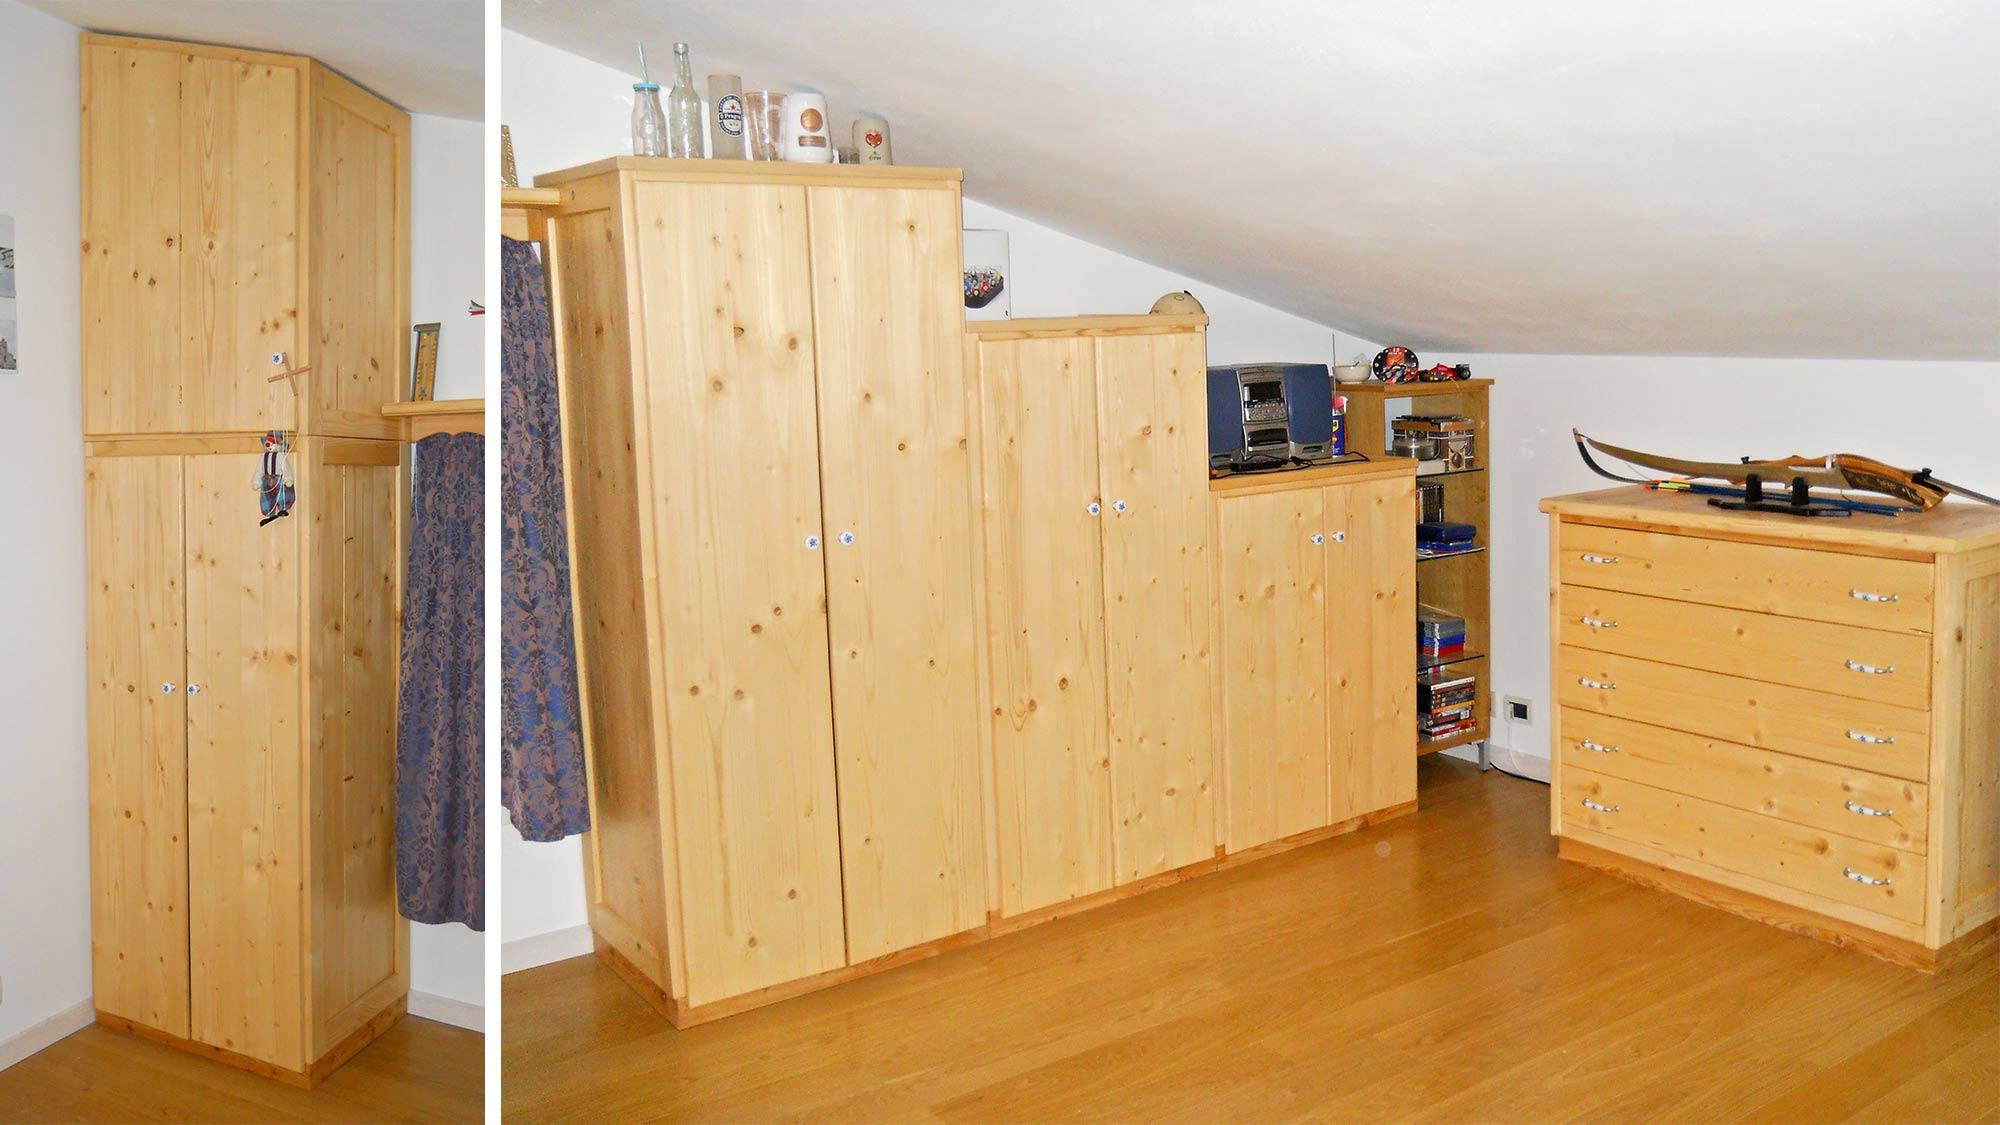 Armadiature Per Esterni mobili per mansarda in legno | costruzione fai da te